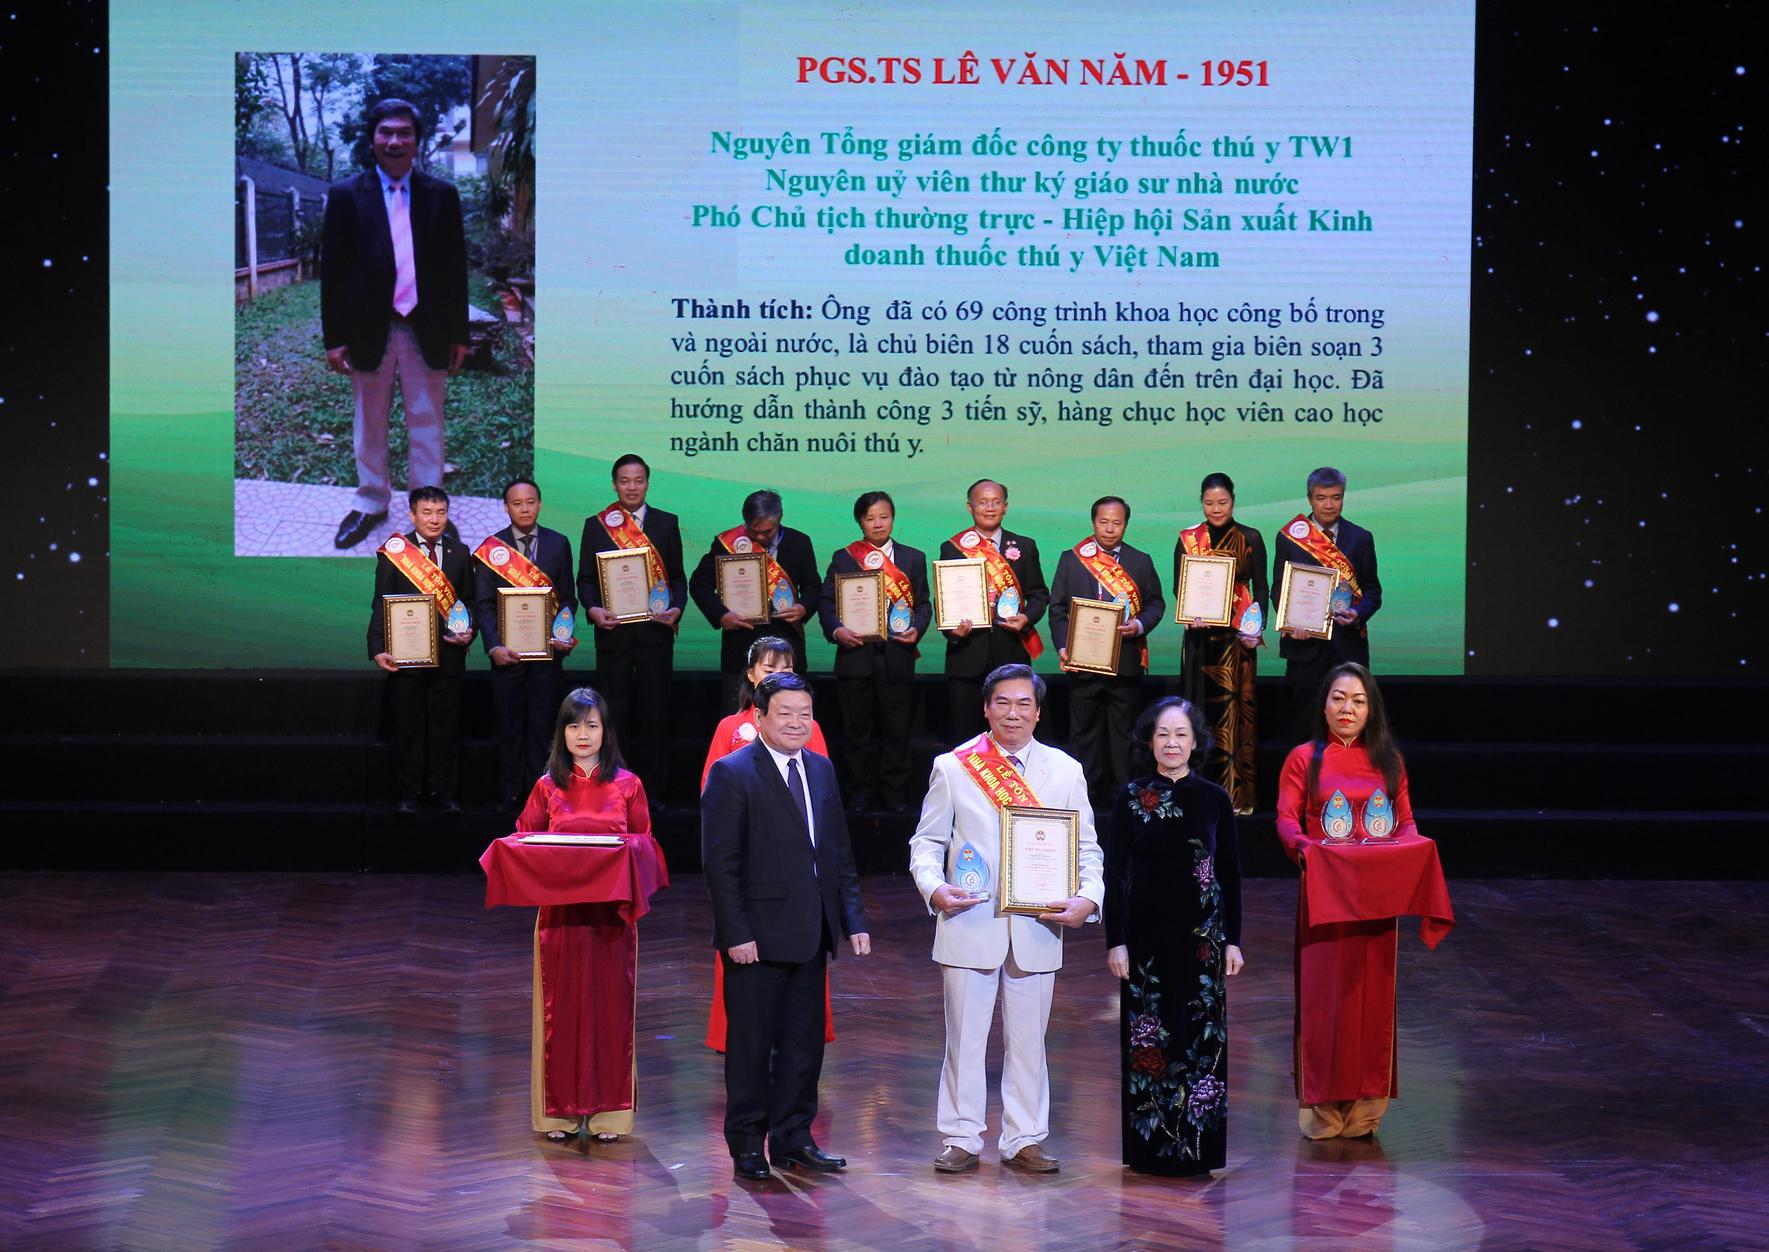 Trưởng ban Dân vận Trung ương Trương Thị Mai, Chủ tịch Trung ương Hội Nông dân Việt Nam Thào Xuân Sùng trao Bằng khen và Kỷ niệm chương cho các Nhà khoa học của nhà nông.